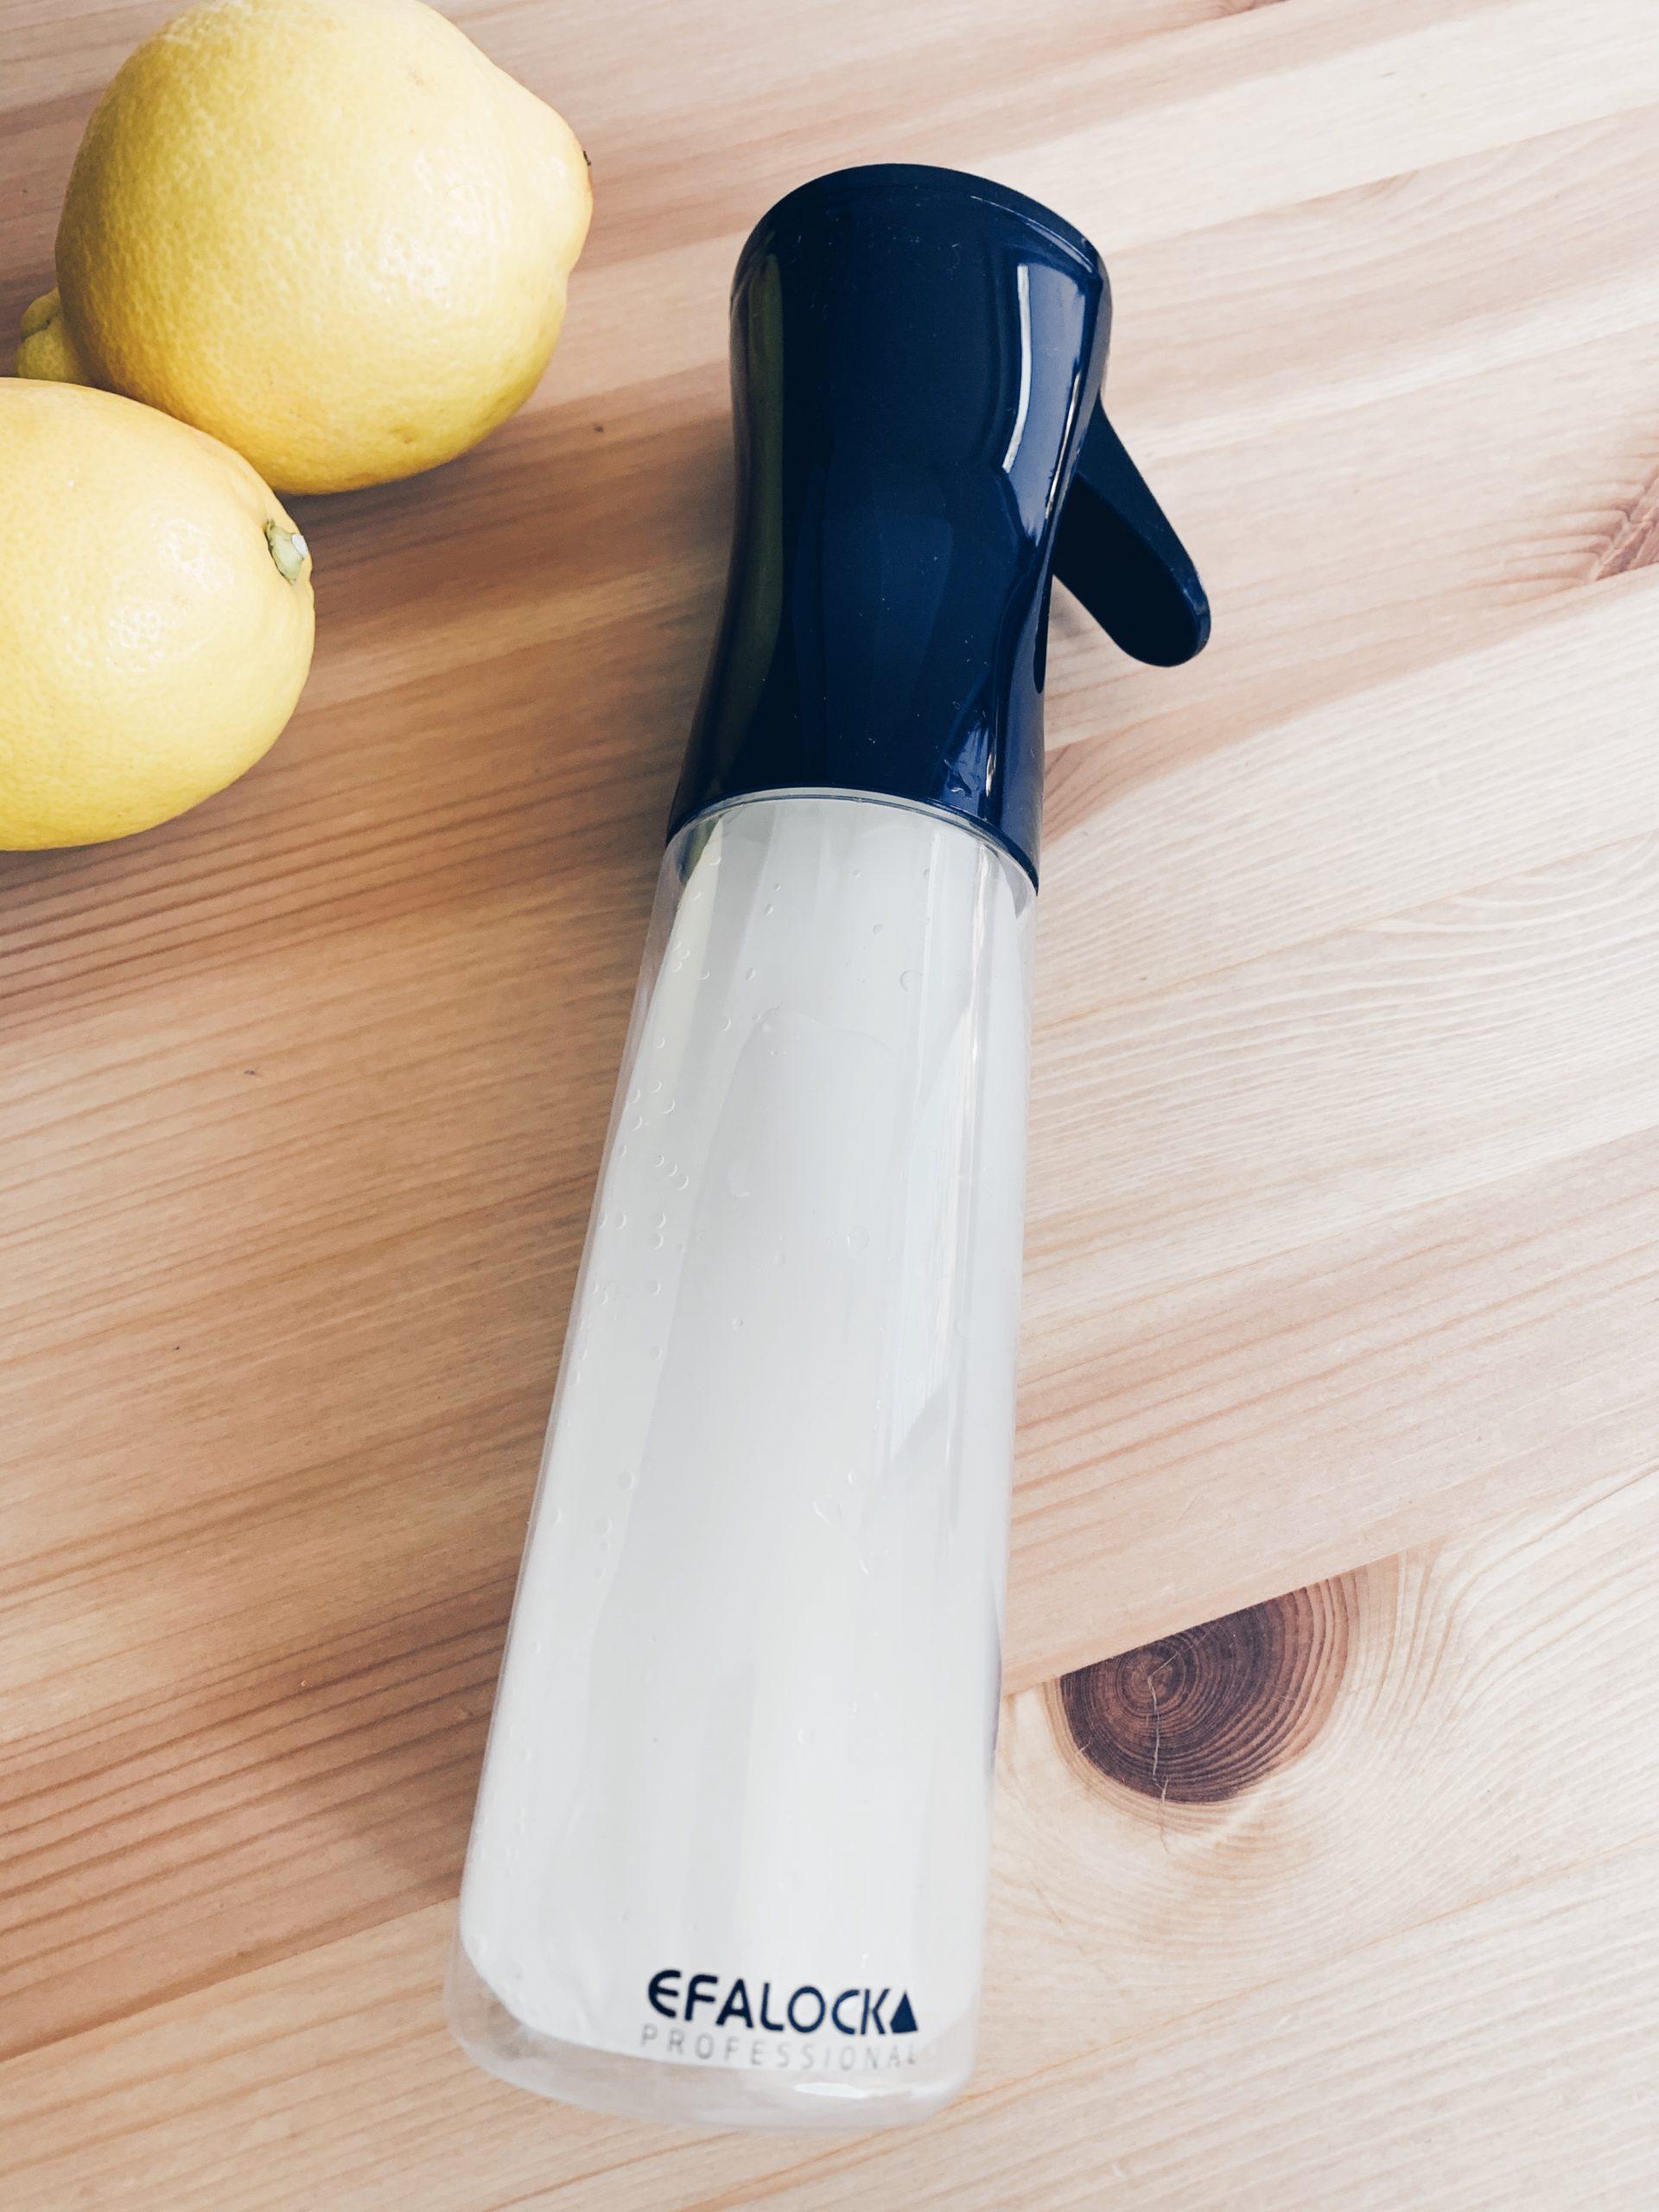 Sprühflasche, Sprühnebel, Pestizide von Obst entfernen, Obst richtig waschen, Zutaten, Obst- und Gemüsereiniger, natürlicher Obst- und Gemüsereiniger, DIY Obst- und Gemüsereiniger, Obst natürlich reinigen, Gemüse natürlich reinigen, Reinigen mit Essig und Zitrone, natürlich reinigen, chemiefrei